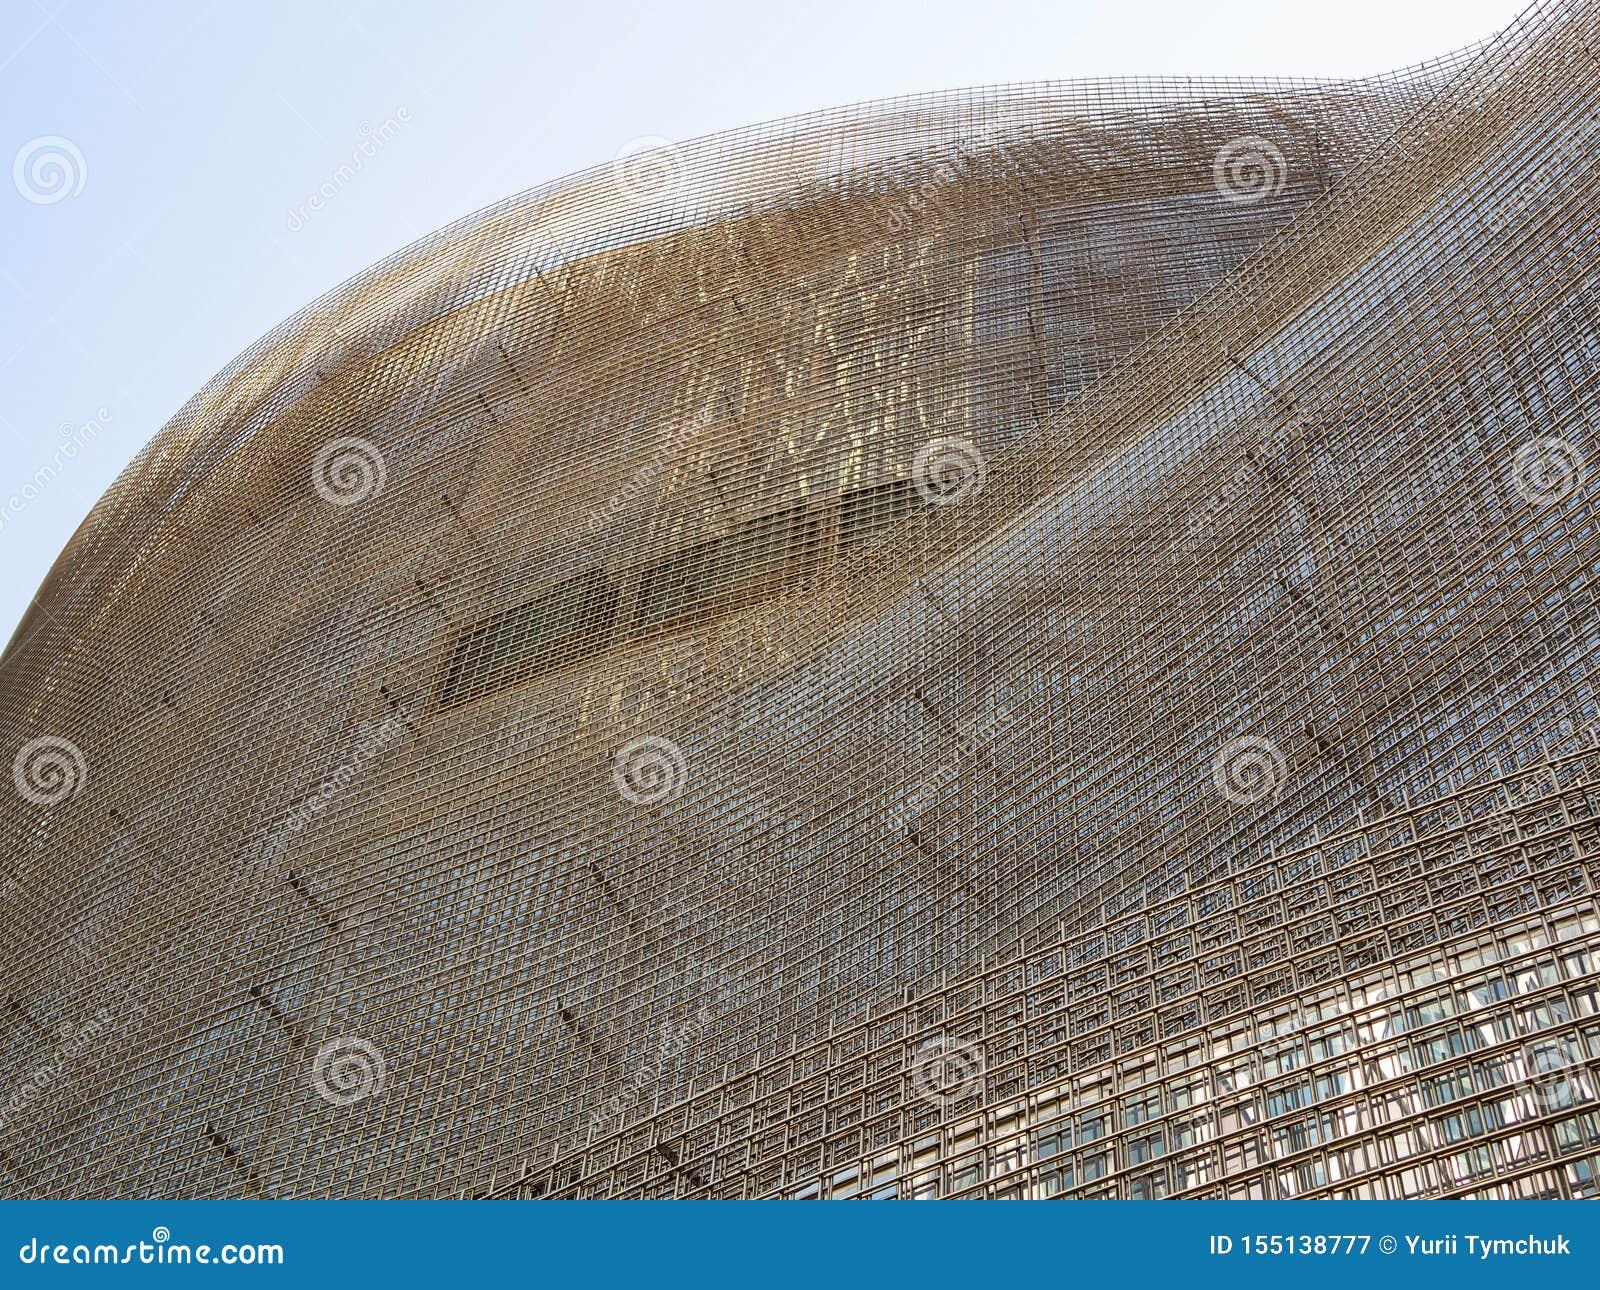 Ο σκελετός του ουρανοξύστη φιαγμένου από φύλλα το ενωμένο στενά πλέγμα καλωδίων στο εργοτάξιο οικοδομής